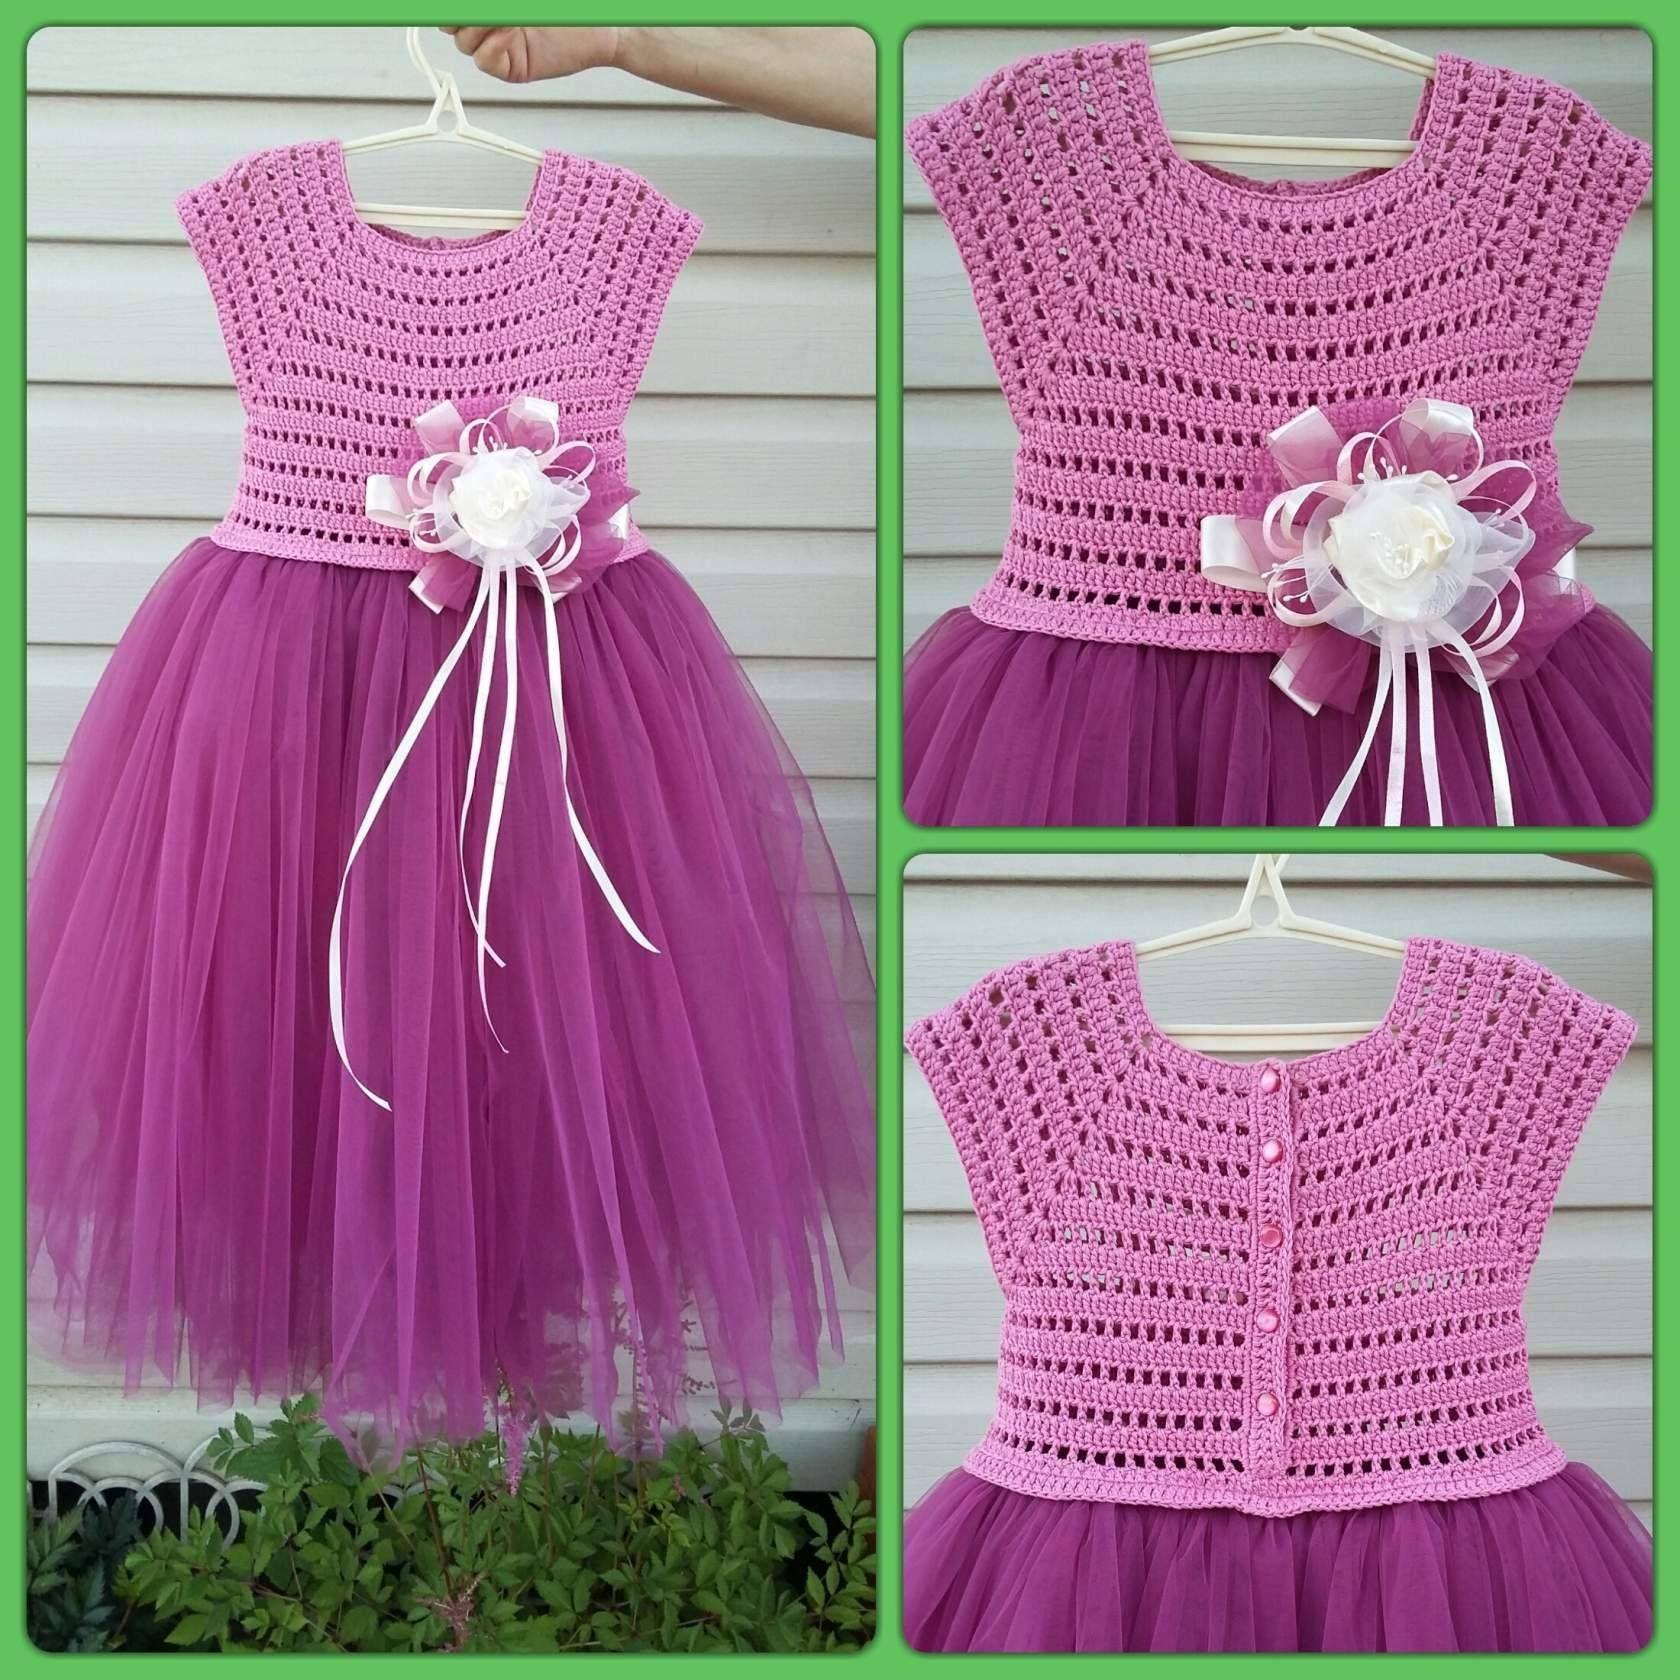 Pin de Rosanna N en Crochet clothes | Pinterest | Vestidos de niñas ...